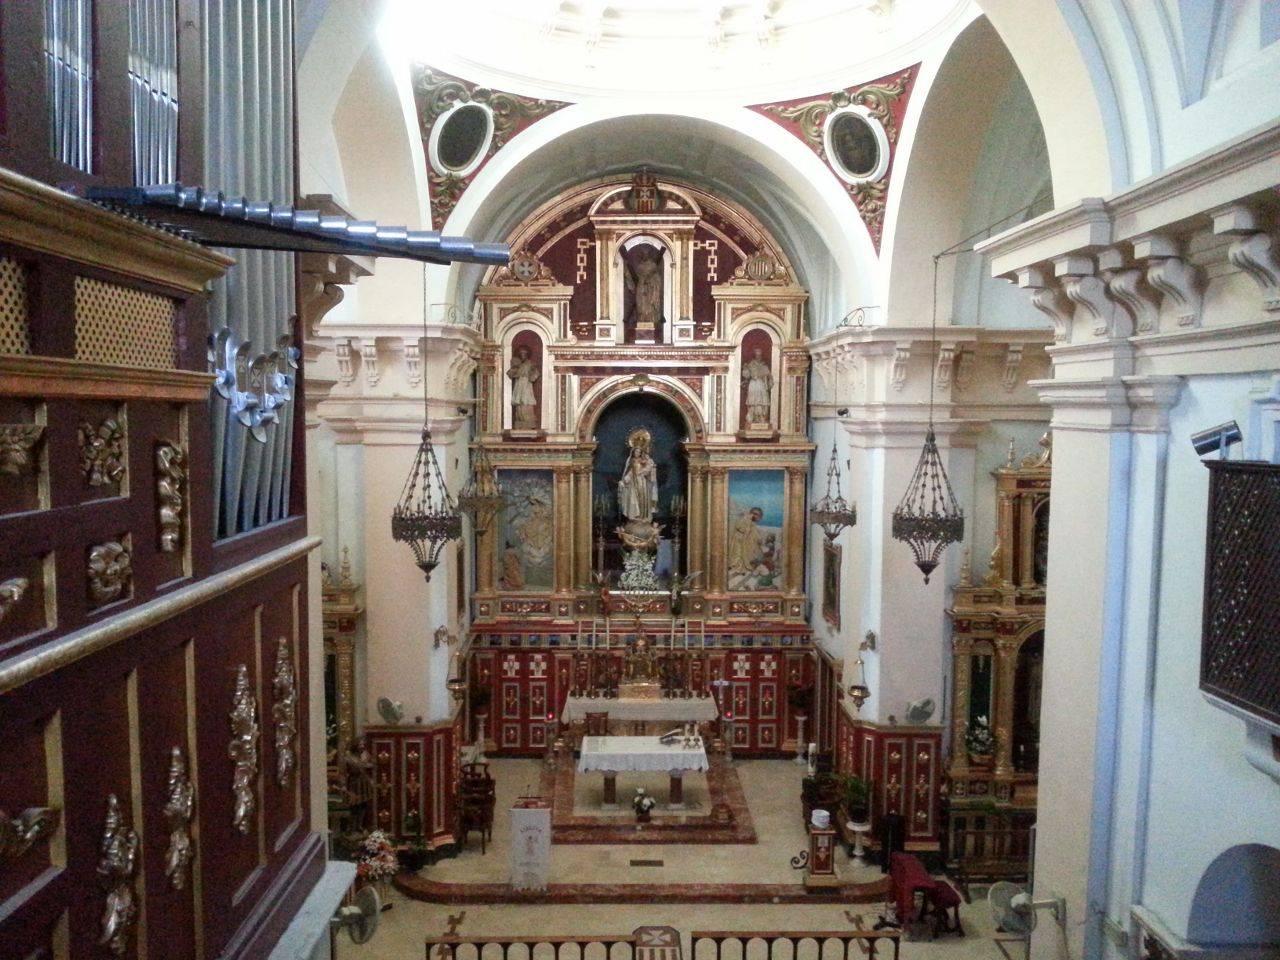 visita-casa-museo-de-la-merced-de-herencia-16-05-2015_2